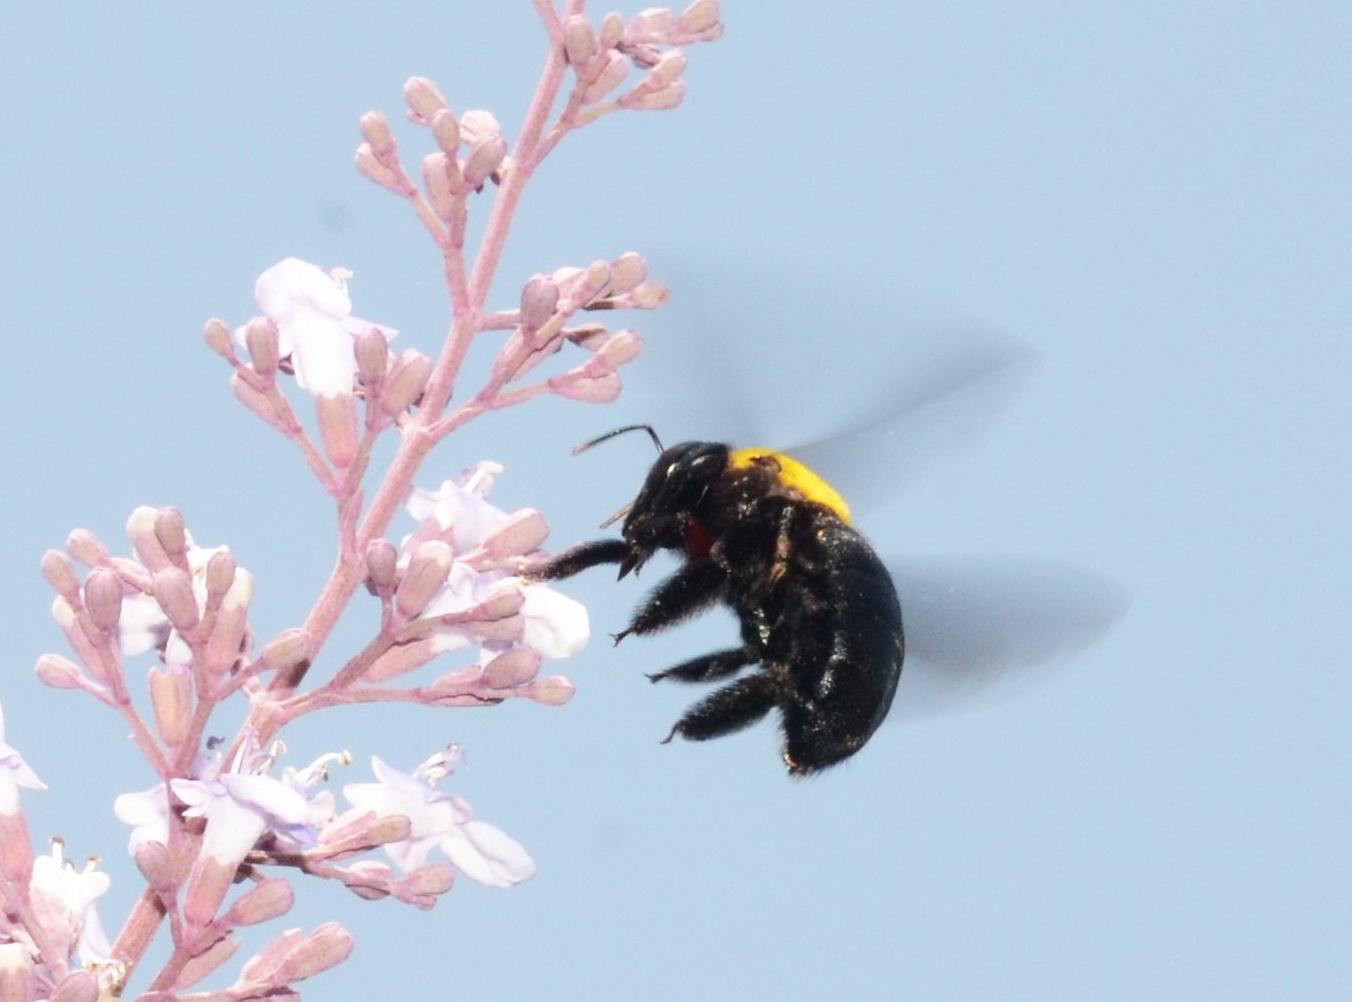 דבורת העץ הצהובה בתעופה